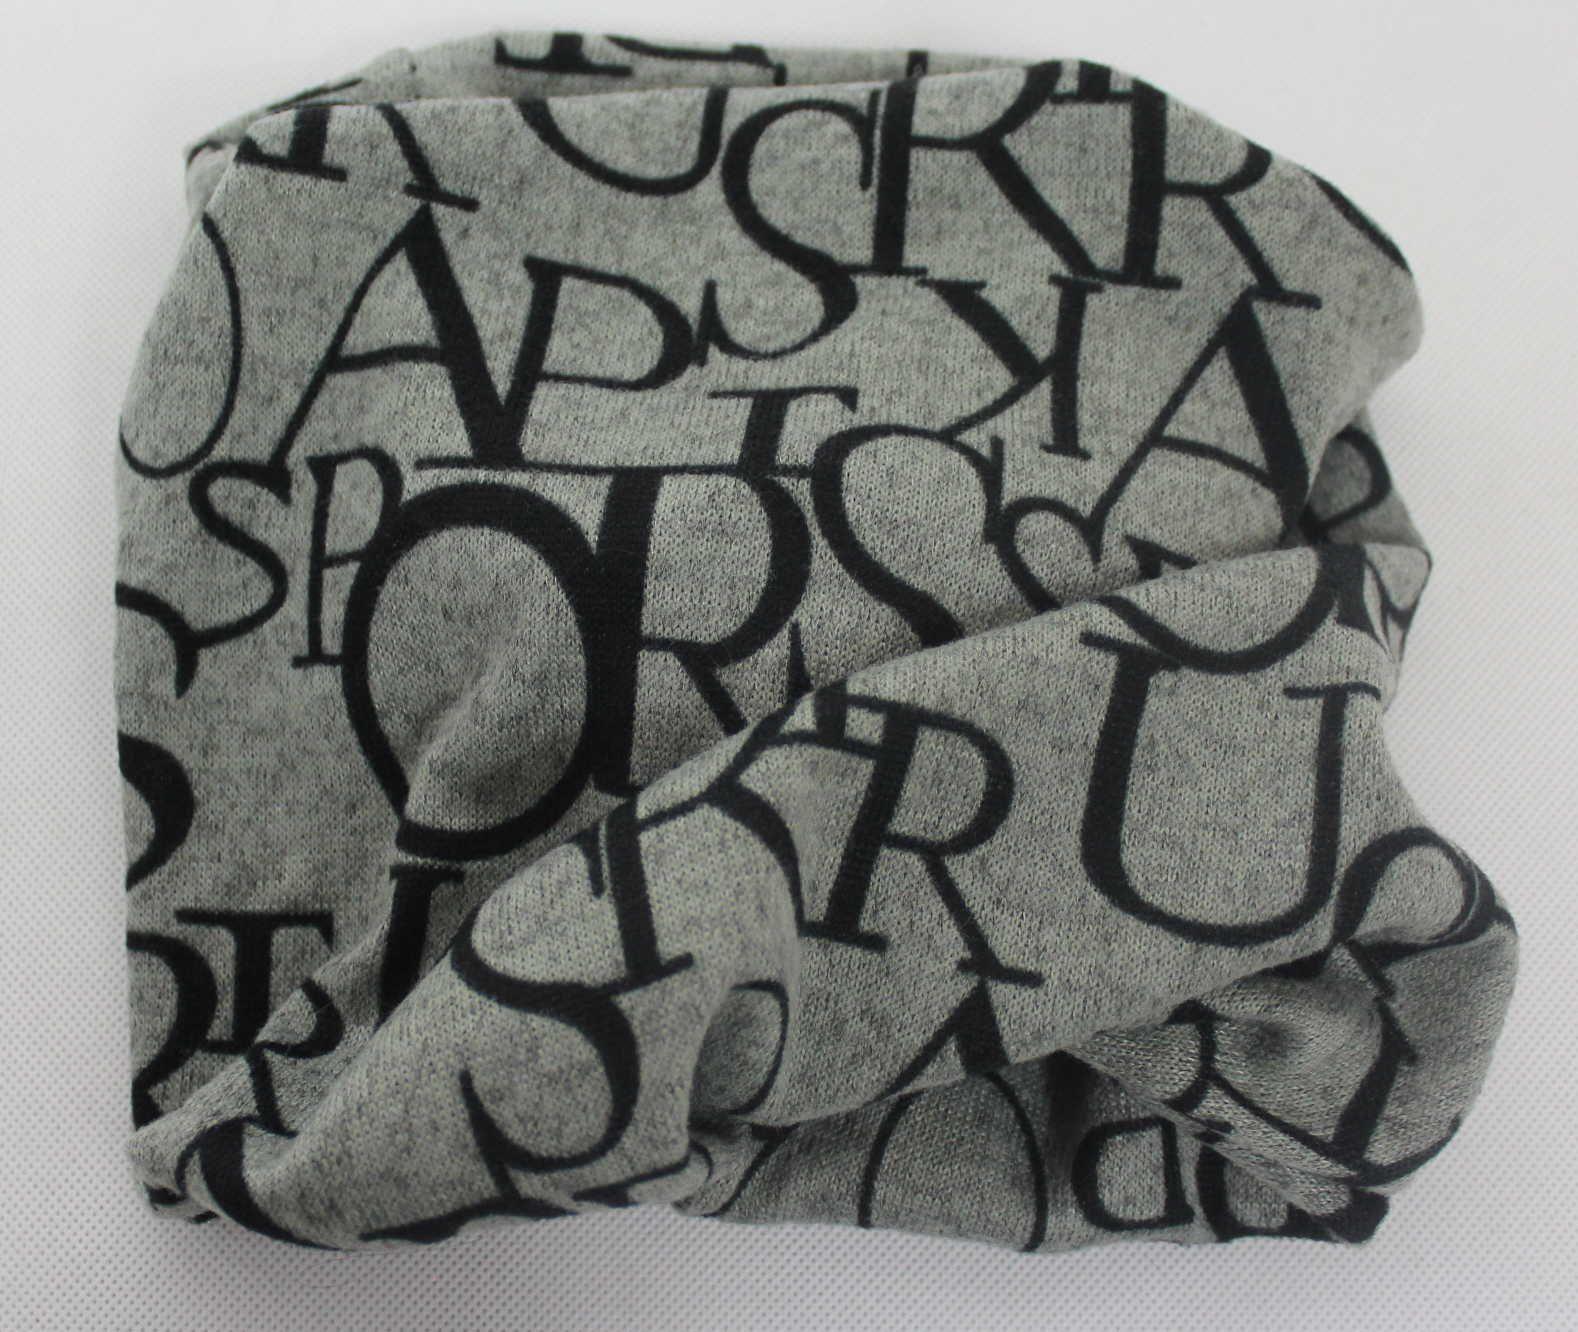 Šátek, nákrčník, dětský nákrčník, dámský nákrčník, dámská čepice, šedá čepice